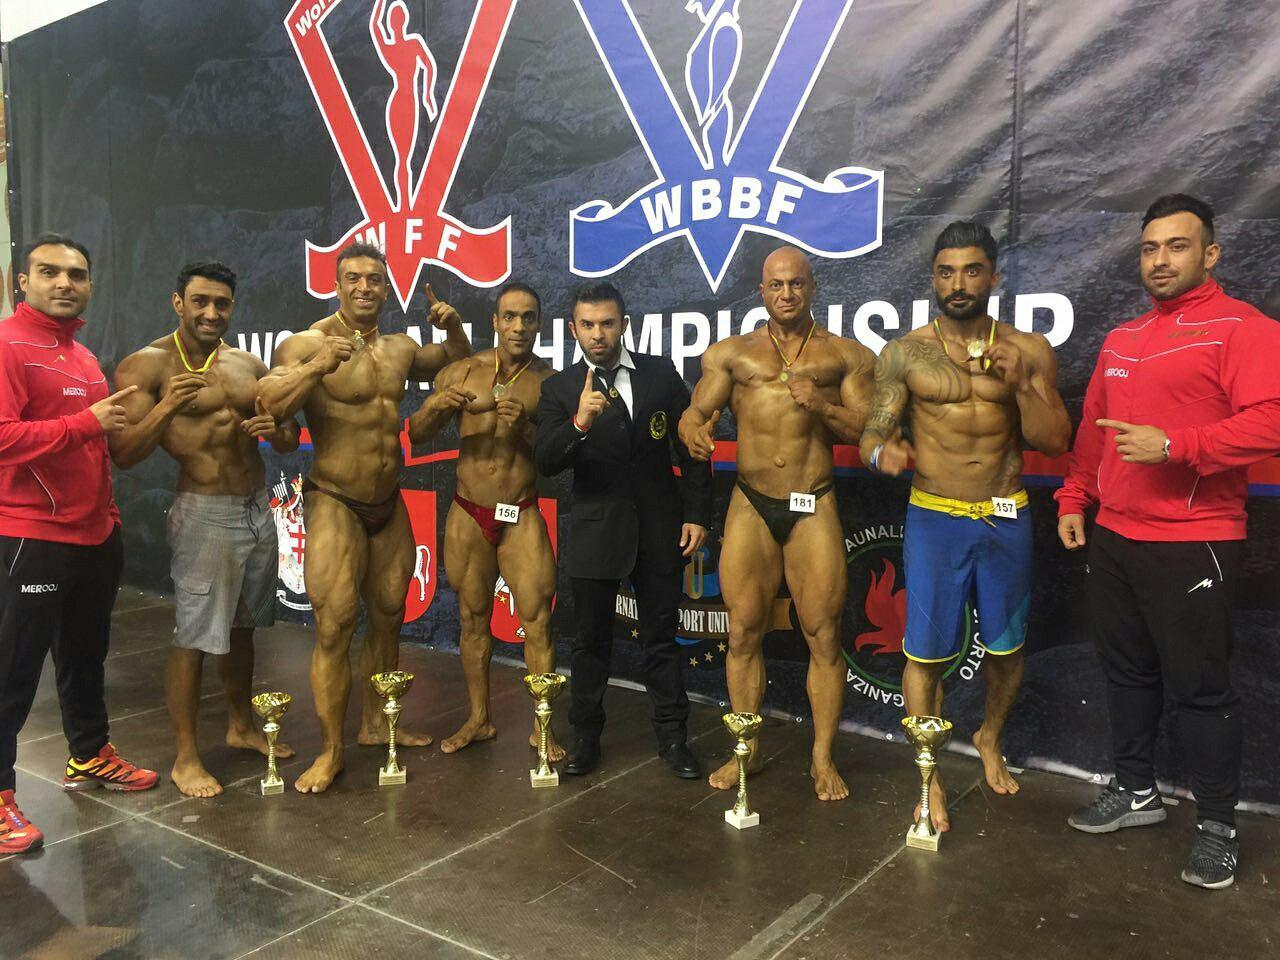 نتایج مسابقات WBBF-WFF لیتوانی 2016